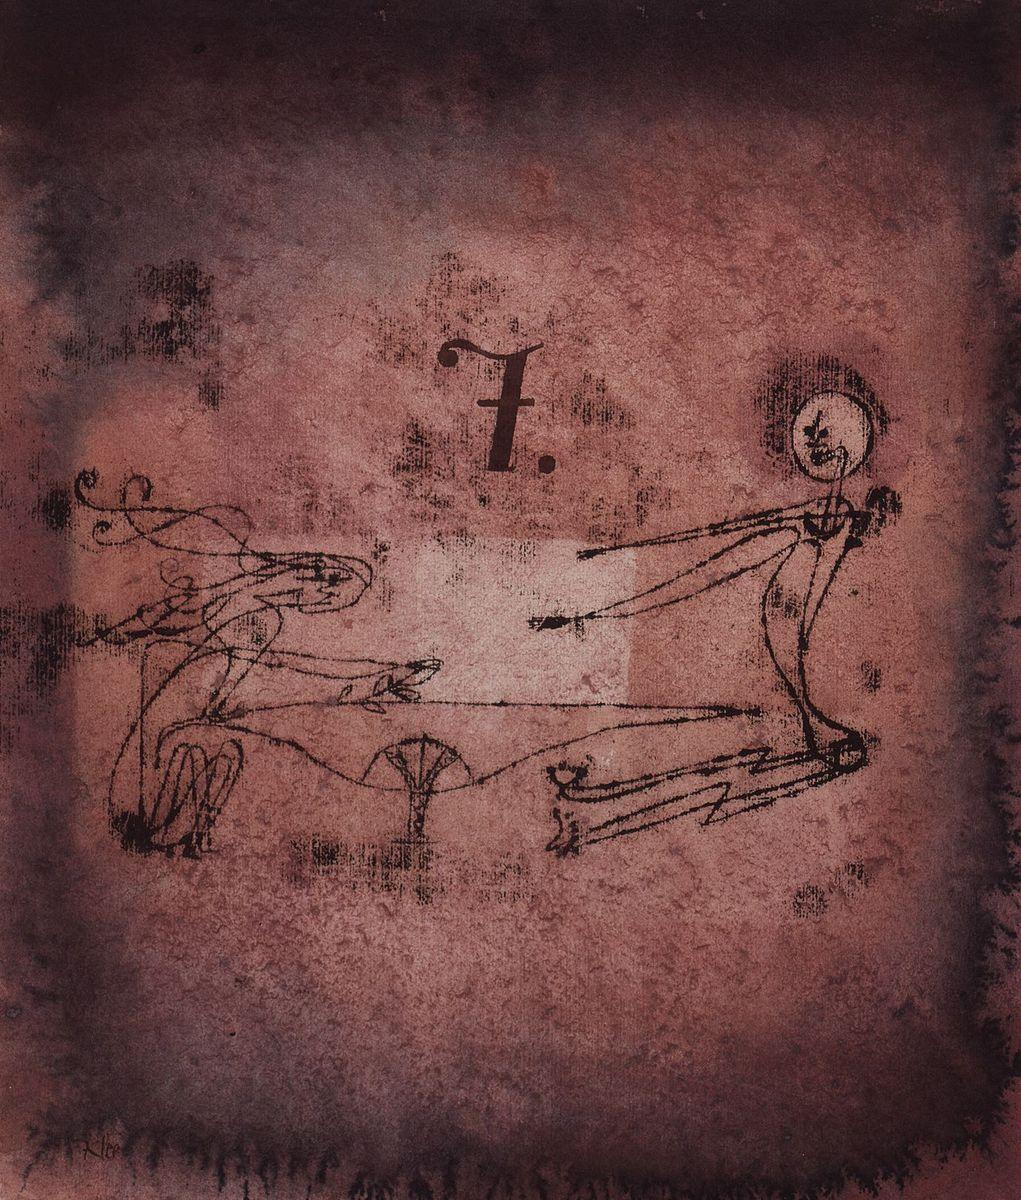 """Mystisch, verworren, schemenhaft sind die """"brauenden Hexen"""", die Paul Klee 1922 in dieser blutroten Ölpause auf Karton darstellt. Foto: bpk / Museum Berggruen, Jens Ziehe"""